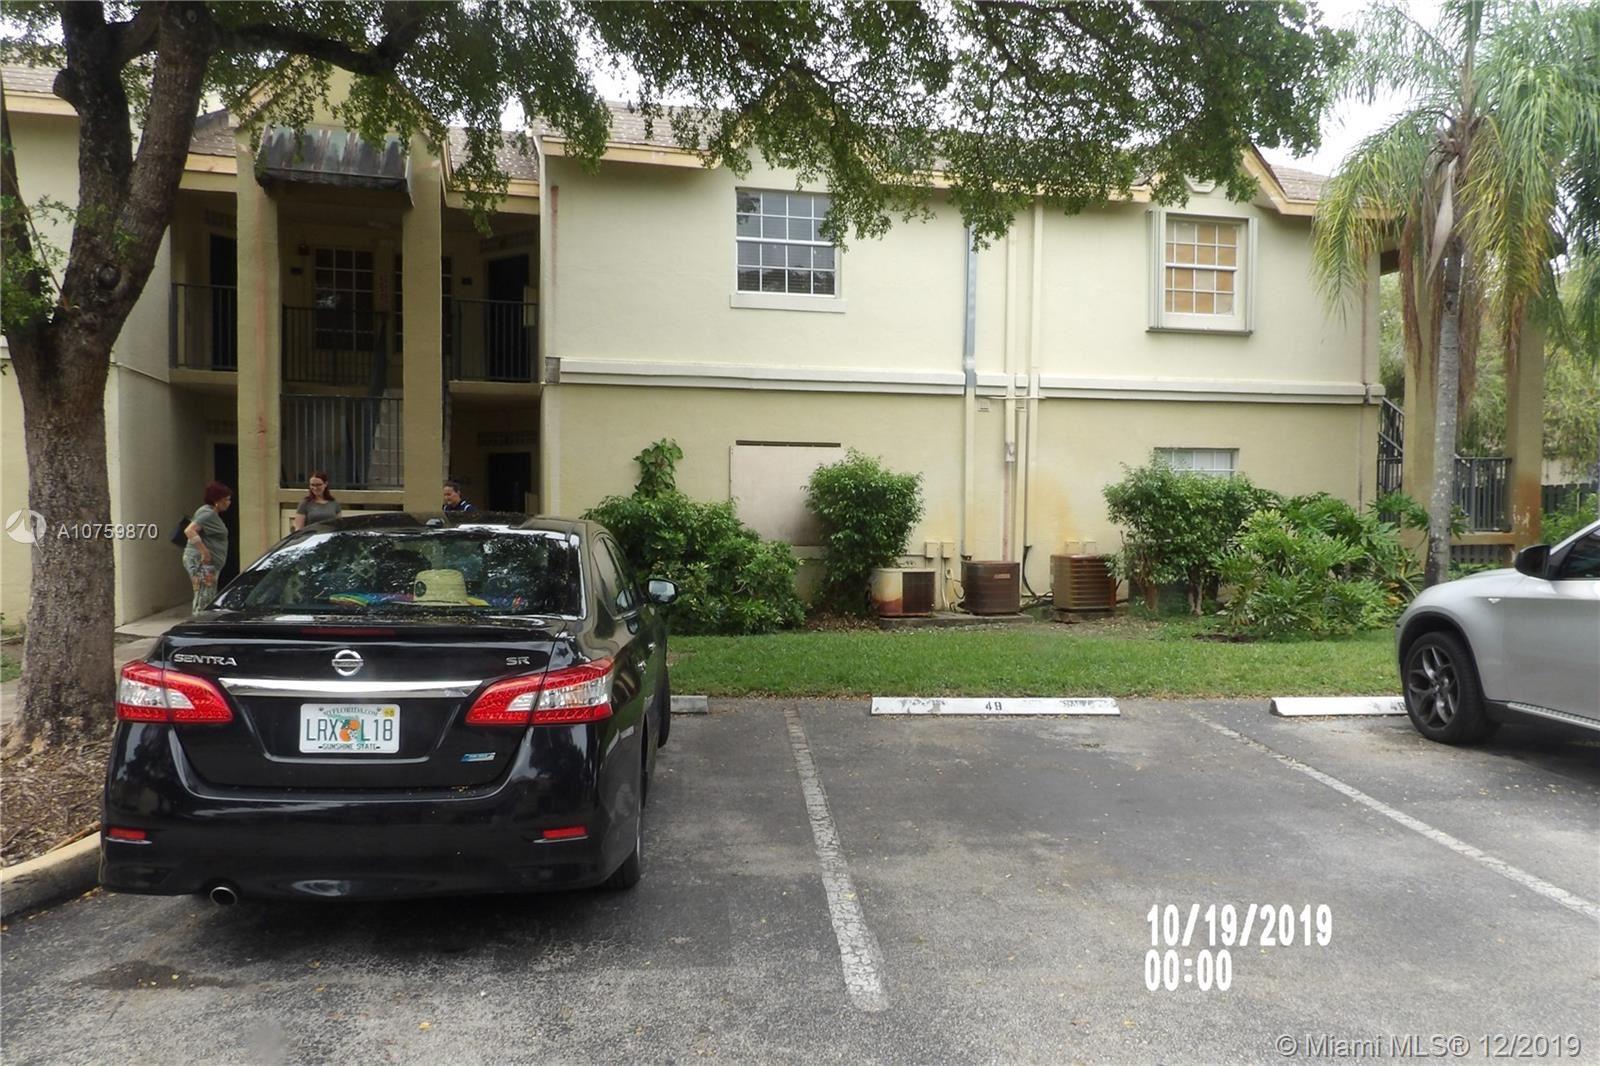 18312 NW 68th Ave #H, Hialeah, FL 33015 - MLS#: A10759870